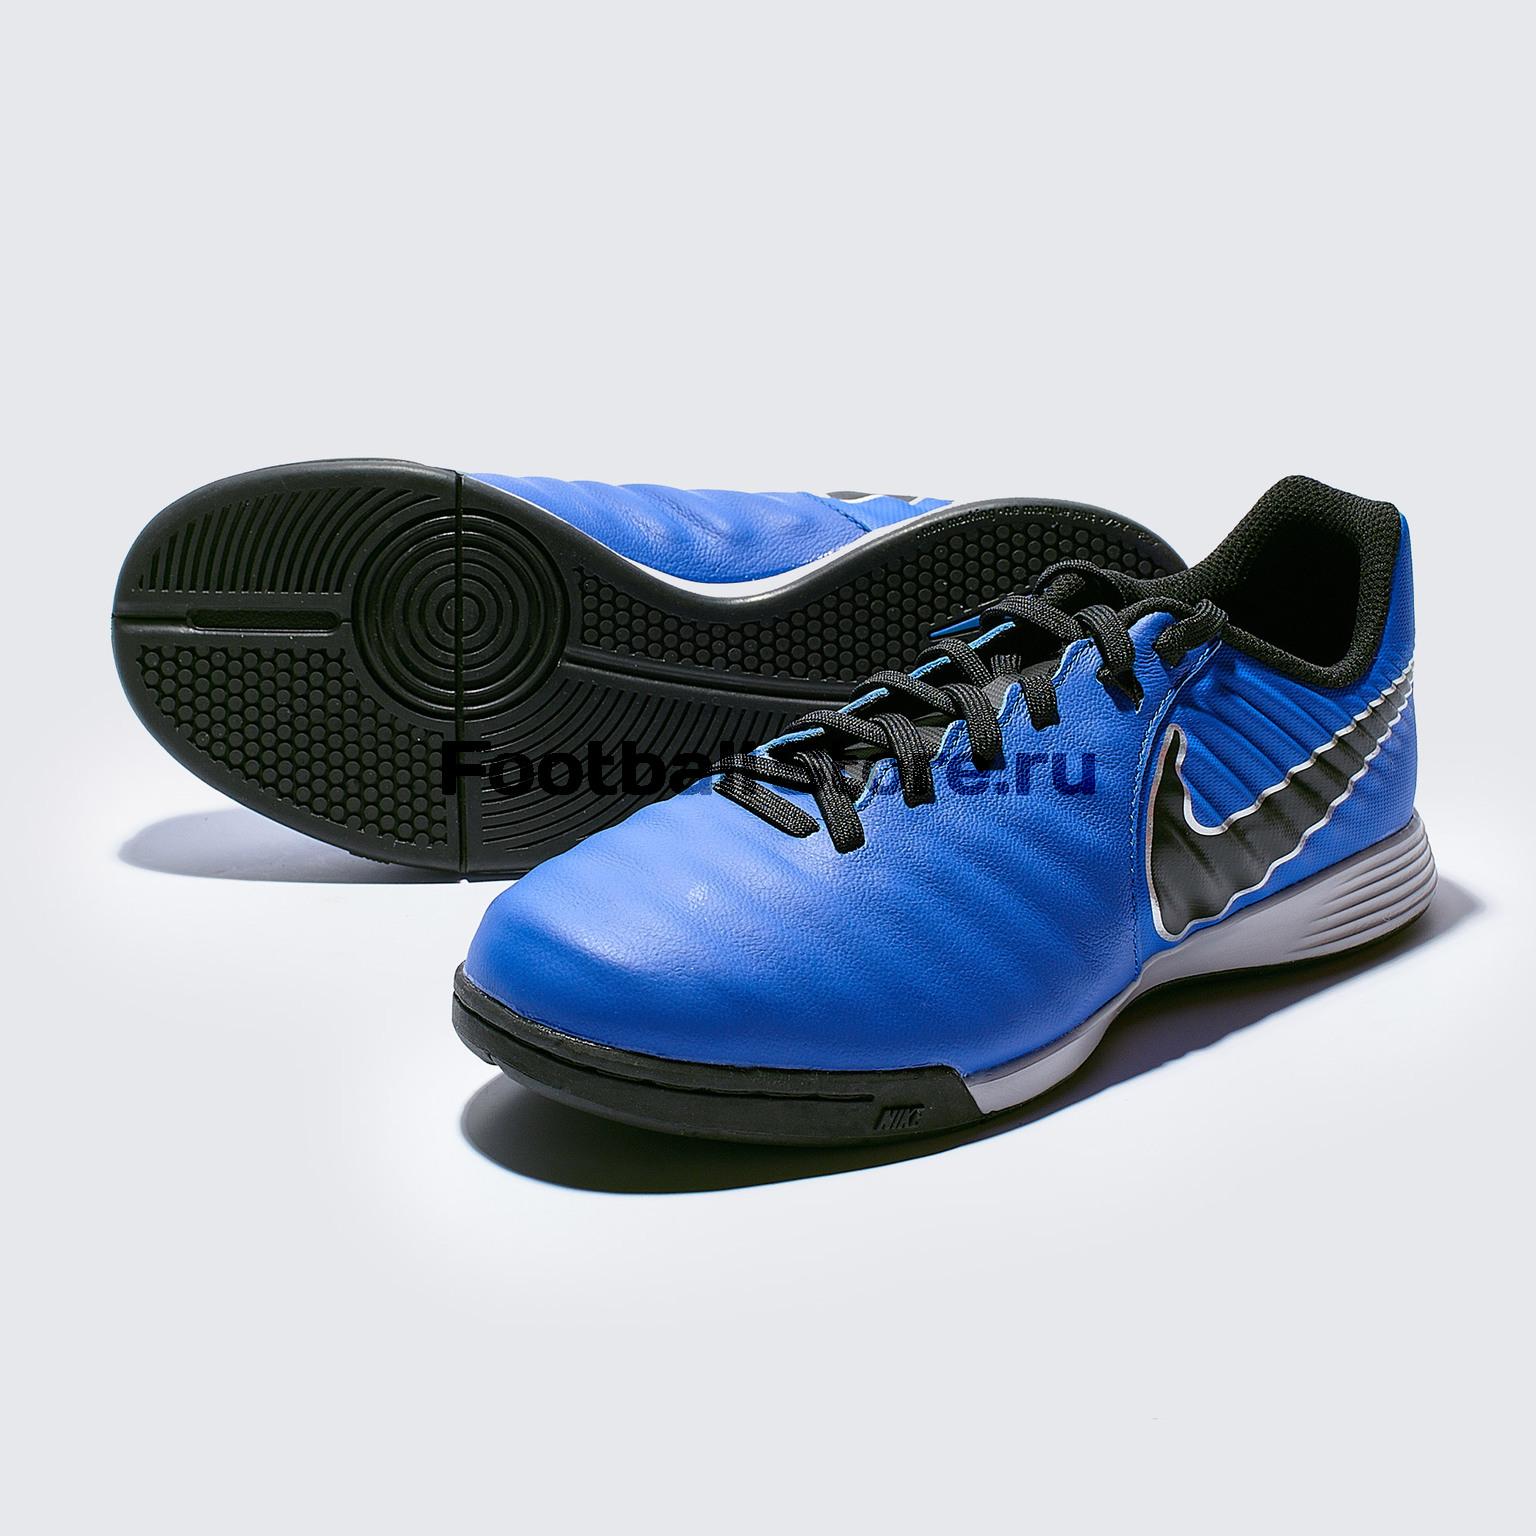 Футзалки детские Nike LegendX 7 Academy IC AH7257-400 бутсы детские nike phantom vision academy df sg aq9298 400